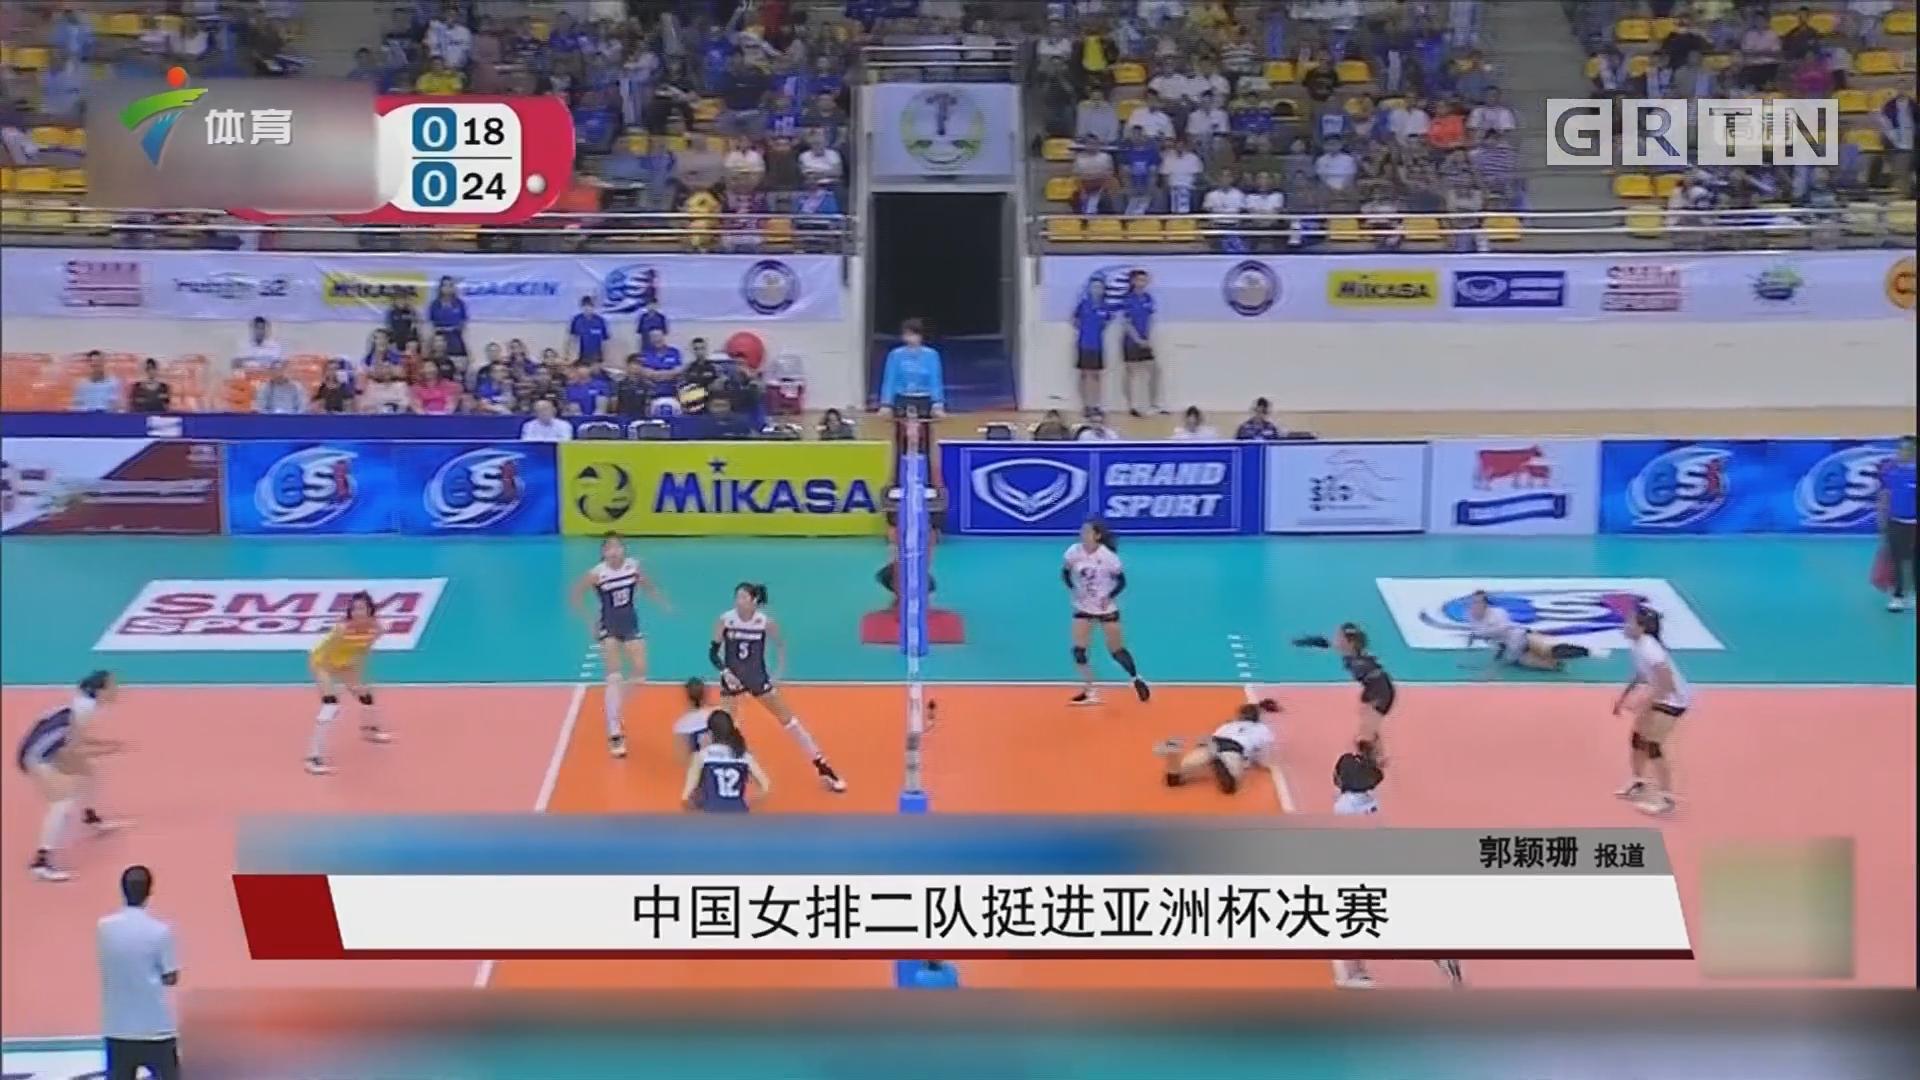 中國女排二隊挺進亞洲杯決賽